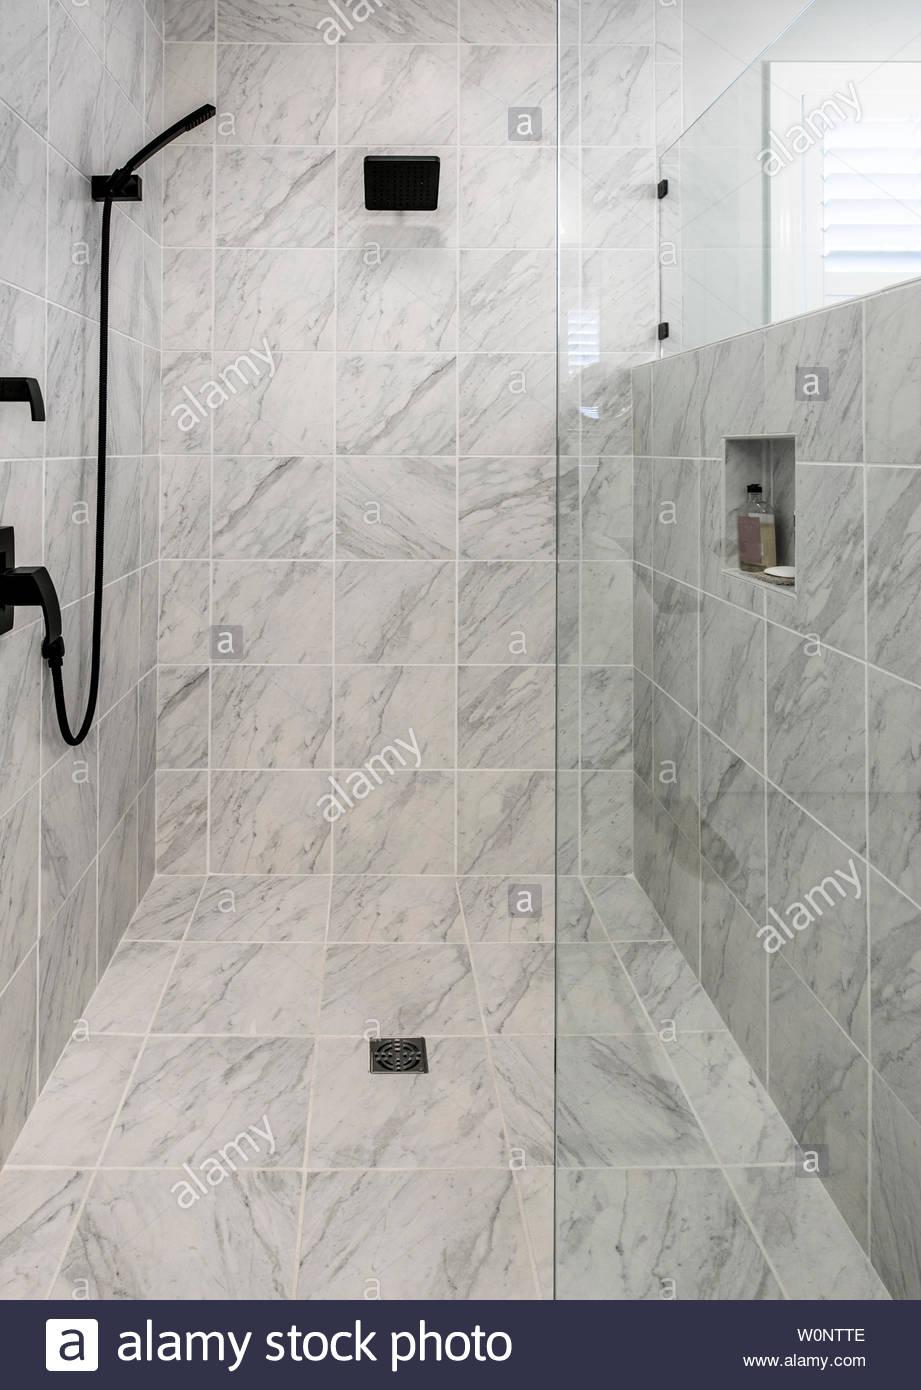 Full Size of Barrierefreie Dusche Luxus Mit Marmorboden Und Wnden Stockfoto Einbauen Ebenerdig Bodengleich Duschen Kaufen Hüppe Eckeinstieg Walkin Bodengleiche Schulte Dusche Barrierefreie Dusche